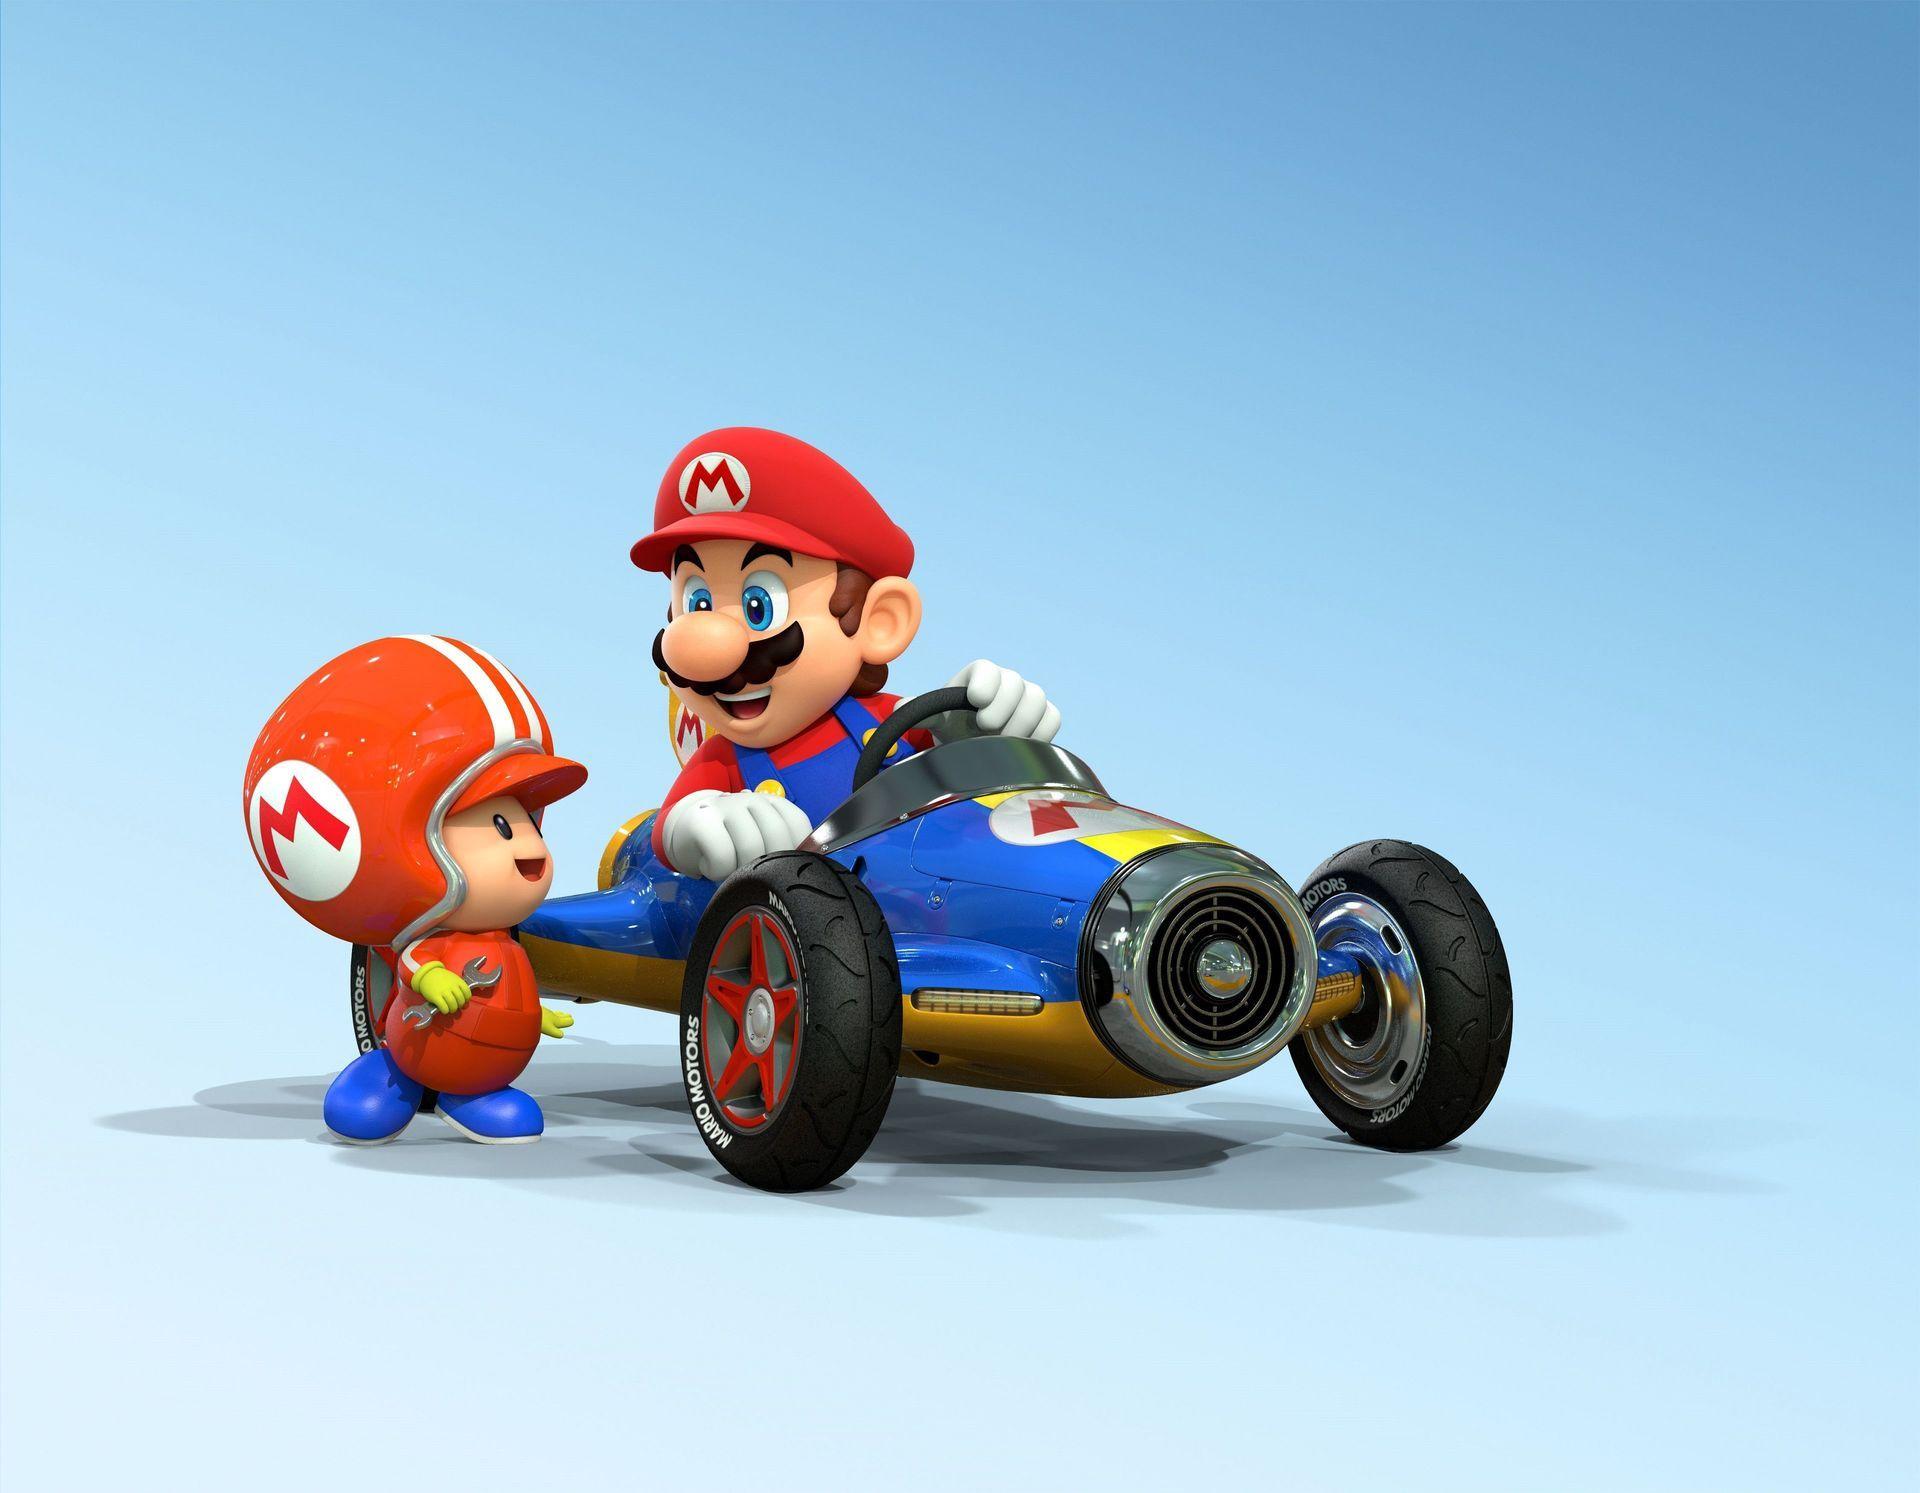 Mario Kart 8 Nintendo Wiiu Mariokart8 Wiiu Nintendowiiu Mariokart Nintendo Carreras Cars Speed Races Race Ma Super Mario Nintendo Mario Mario Kart